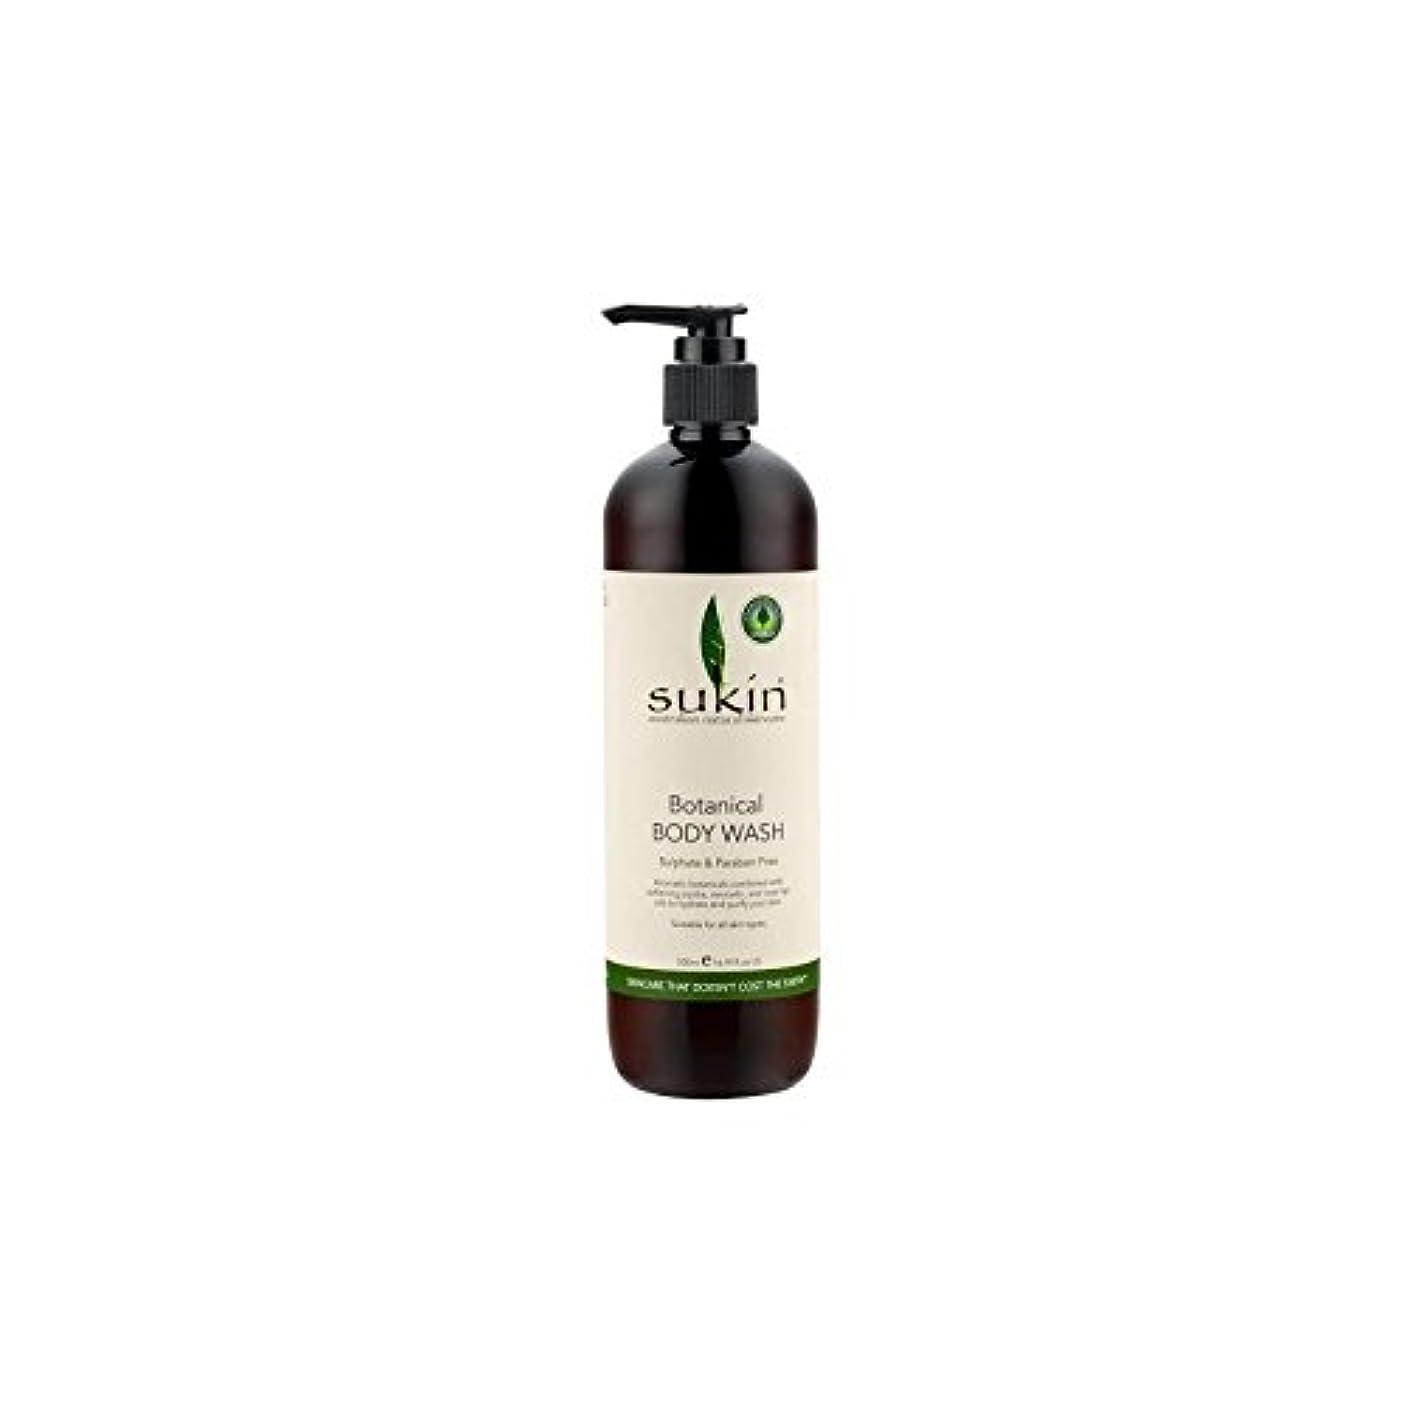 繕う屋内オート植物ボディウォッシュ(500ミリリットル) x2 - Sukin Botanical Body Wash (500ml) (Pack of 2) [並行輸入品]